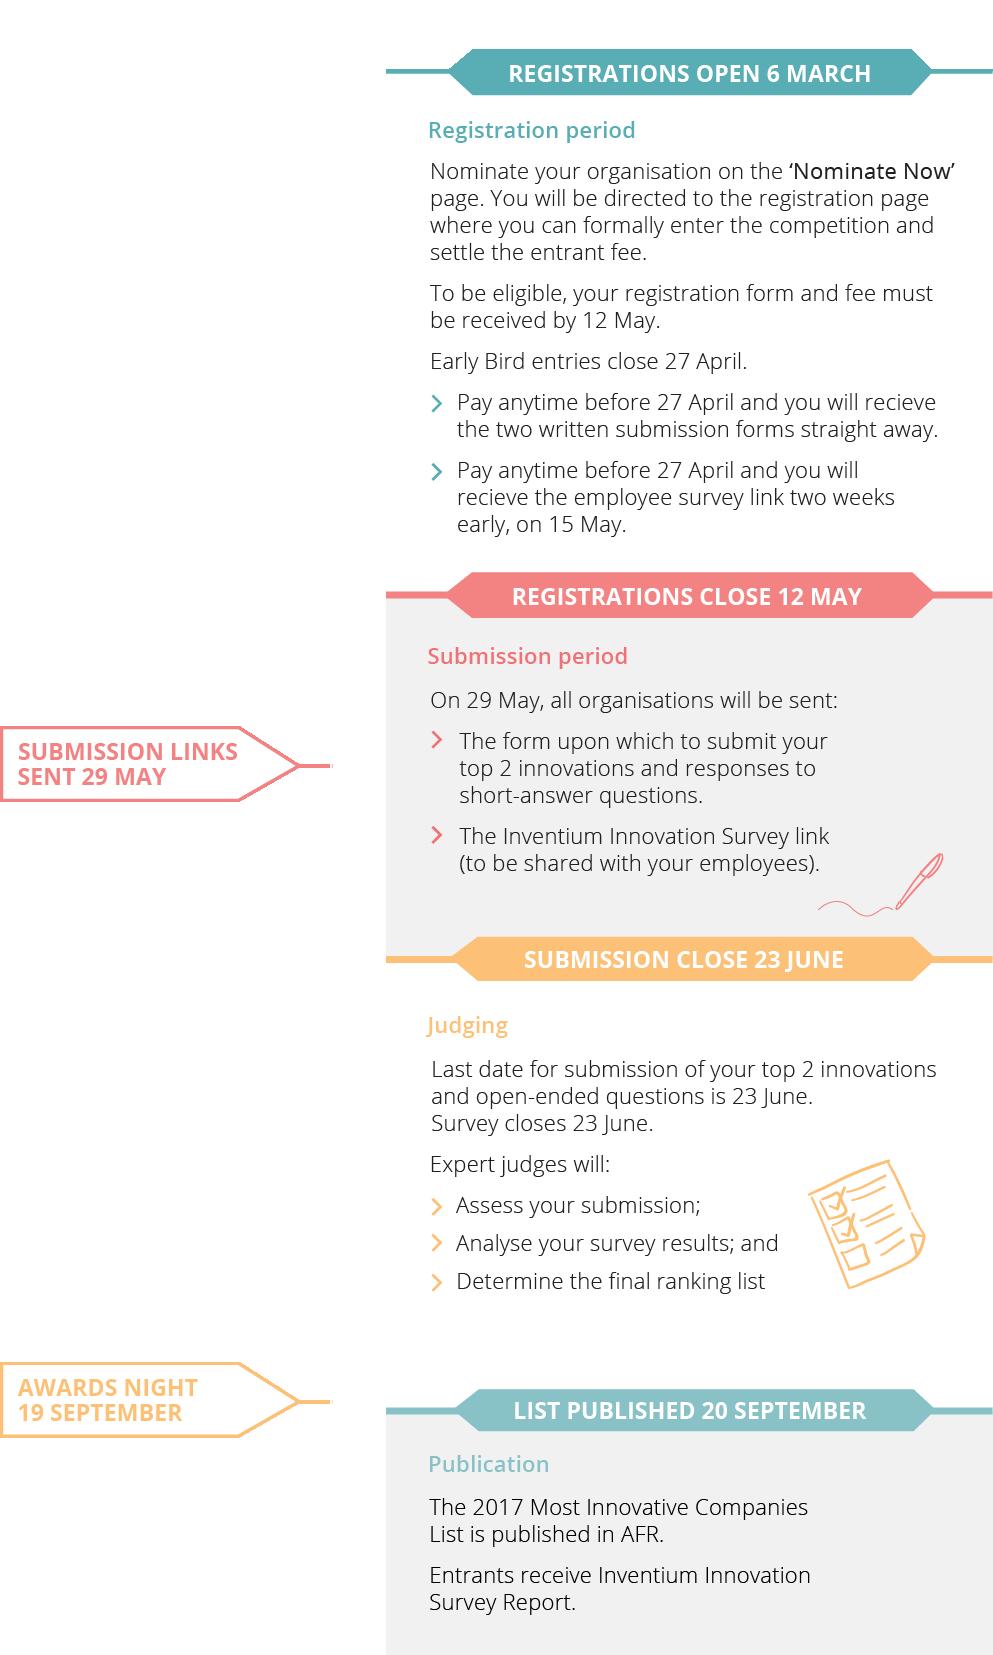 TimelineGraphic_Desktop